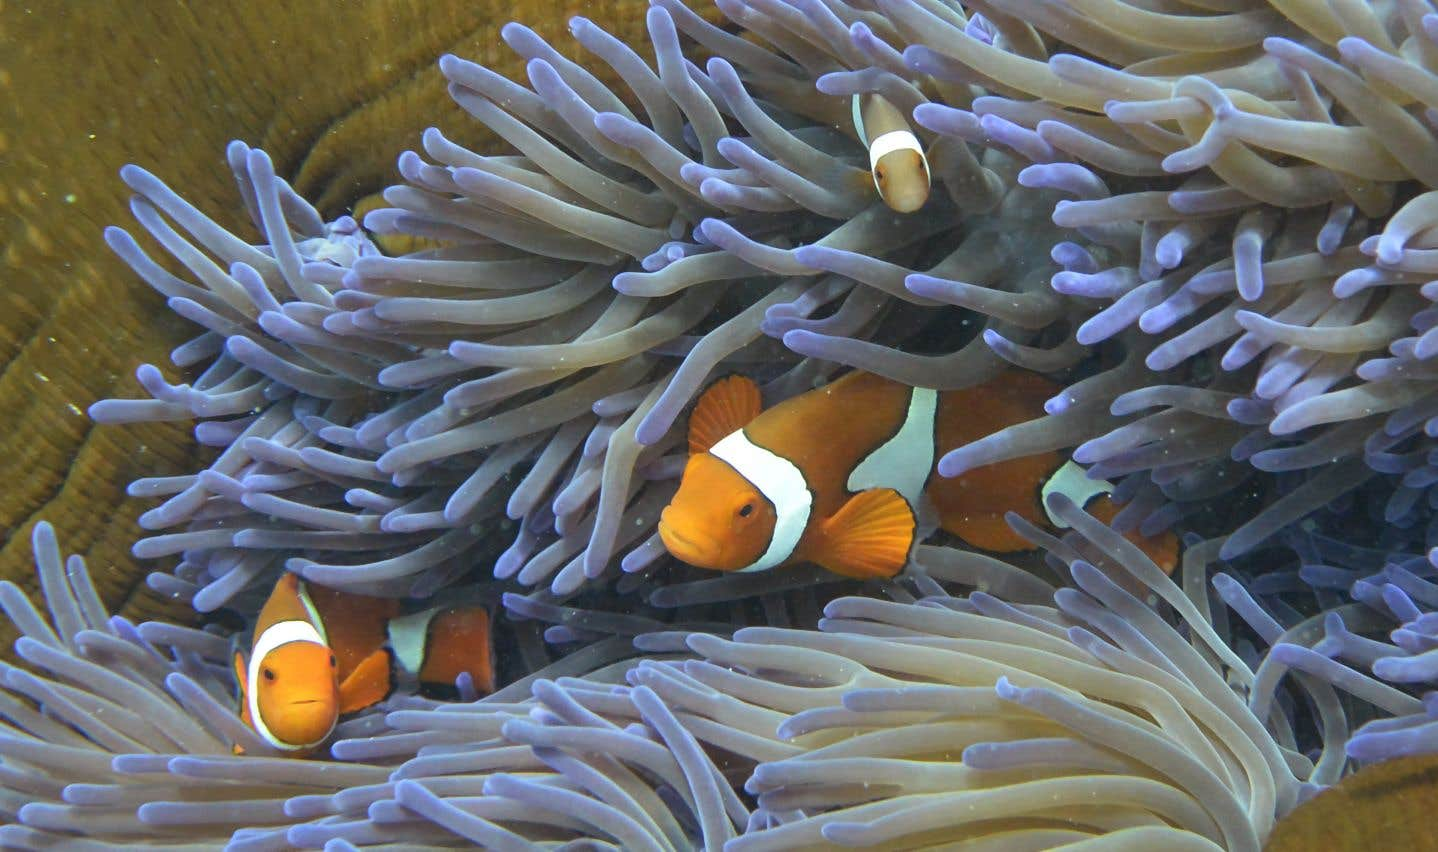 Les chercheurs de l'Université australienne Southern Cross ont collecté fin 2016 de grandes quantités d'ovules et de sperme de coraux à Heron Island, au large de la côte orientale.